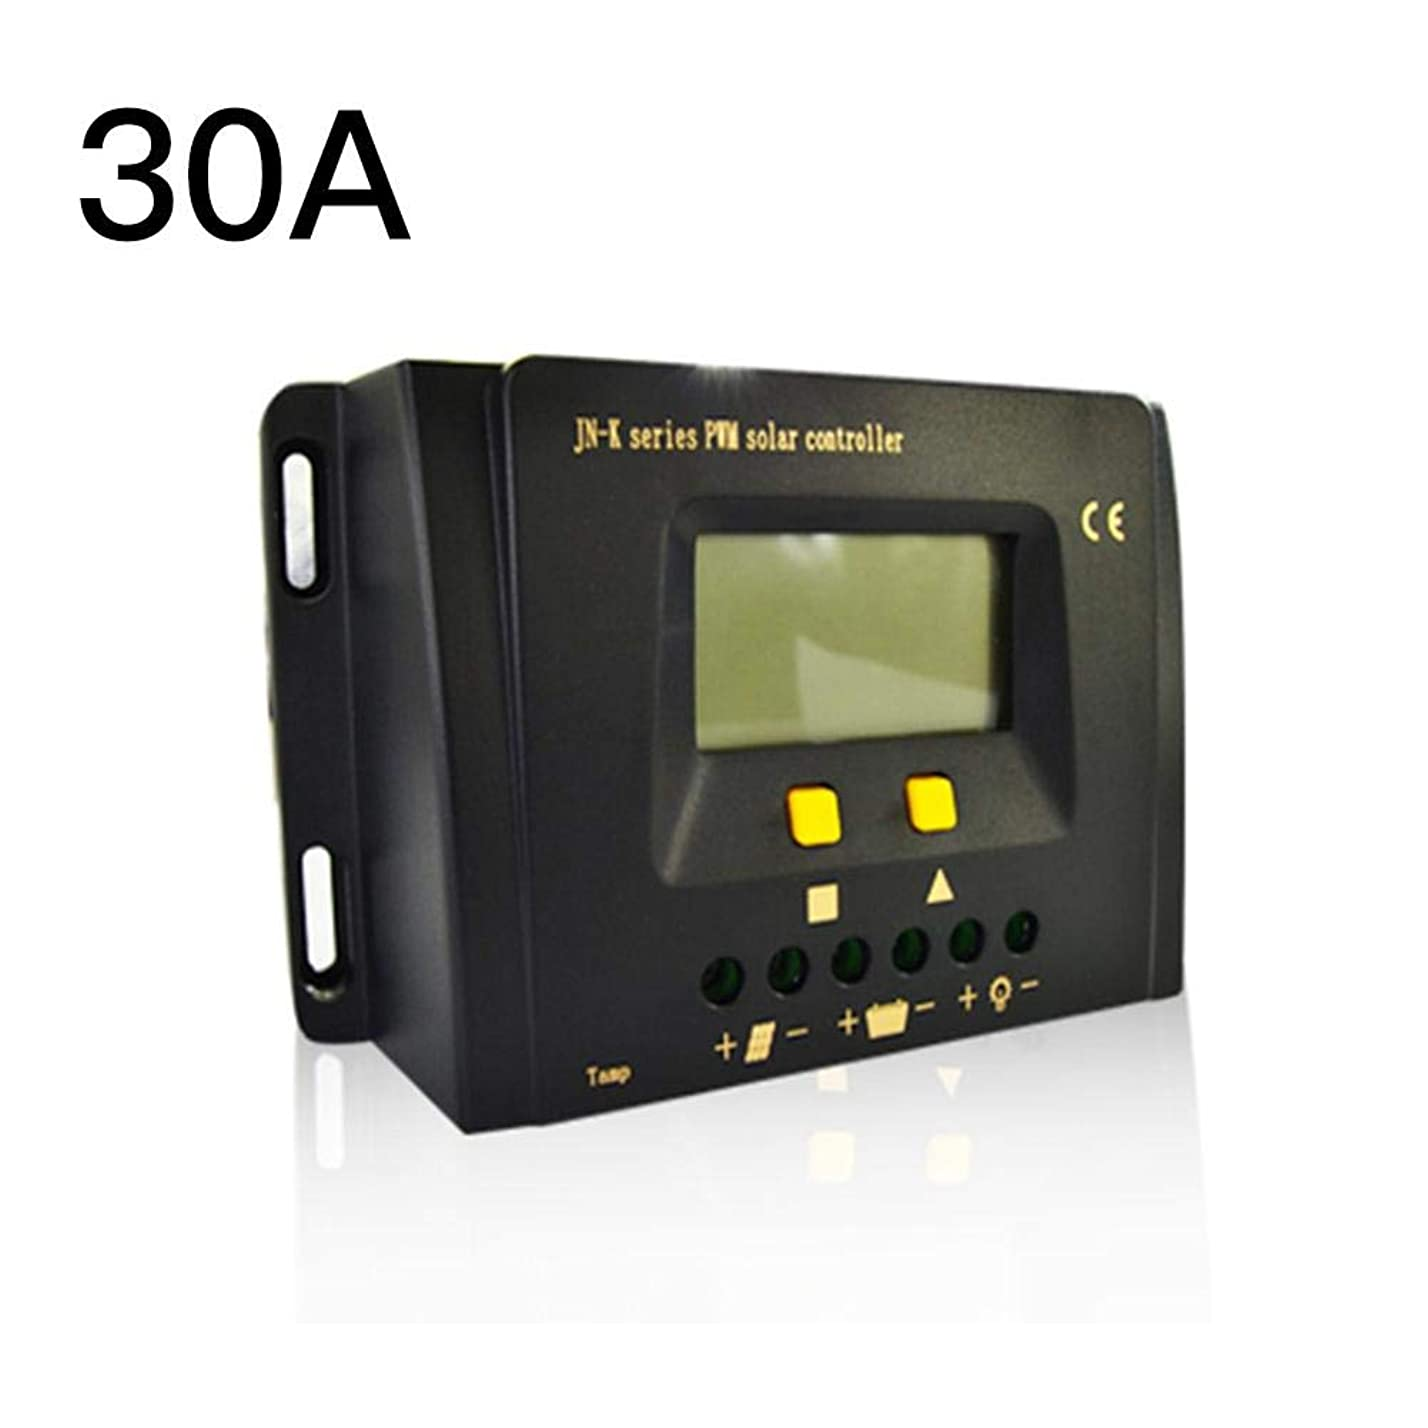 関連付ける二次平手打ちソーラー充電コントローラー、12v / 24v / 48vソーラー充電コントローラー充電レギュレータインテリジェント、ディスプレイ過負荷保護温度補償